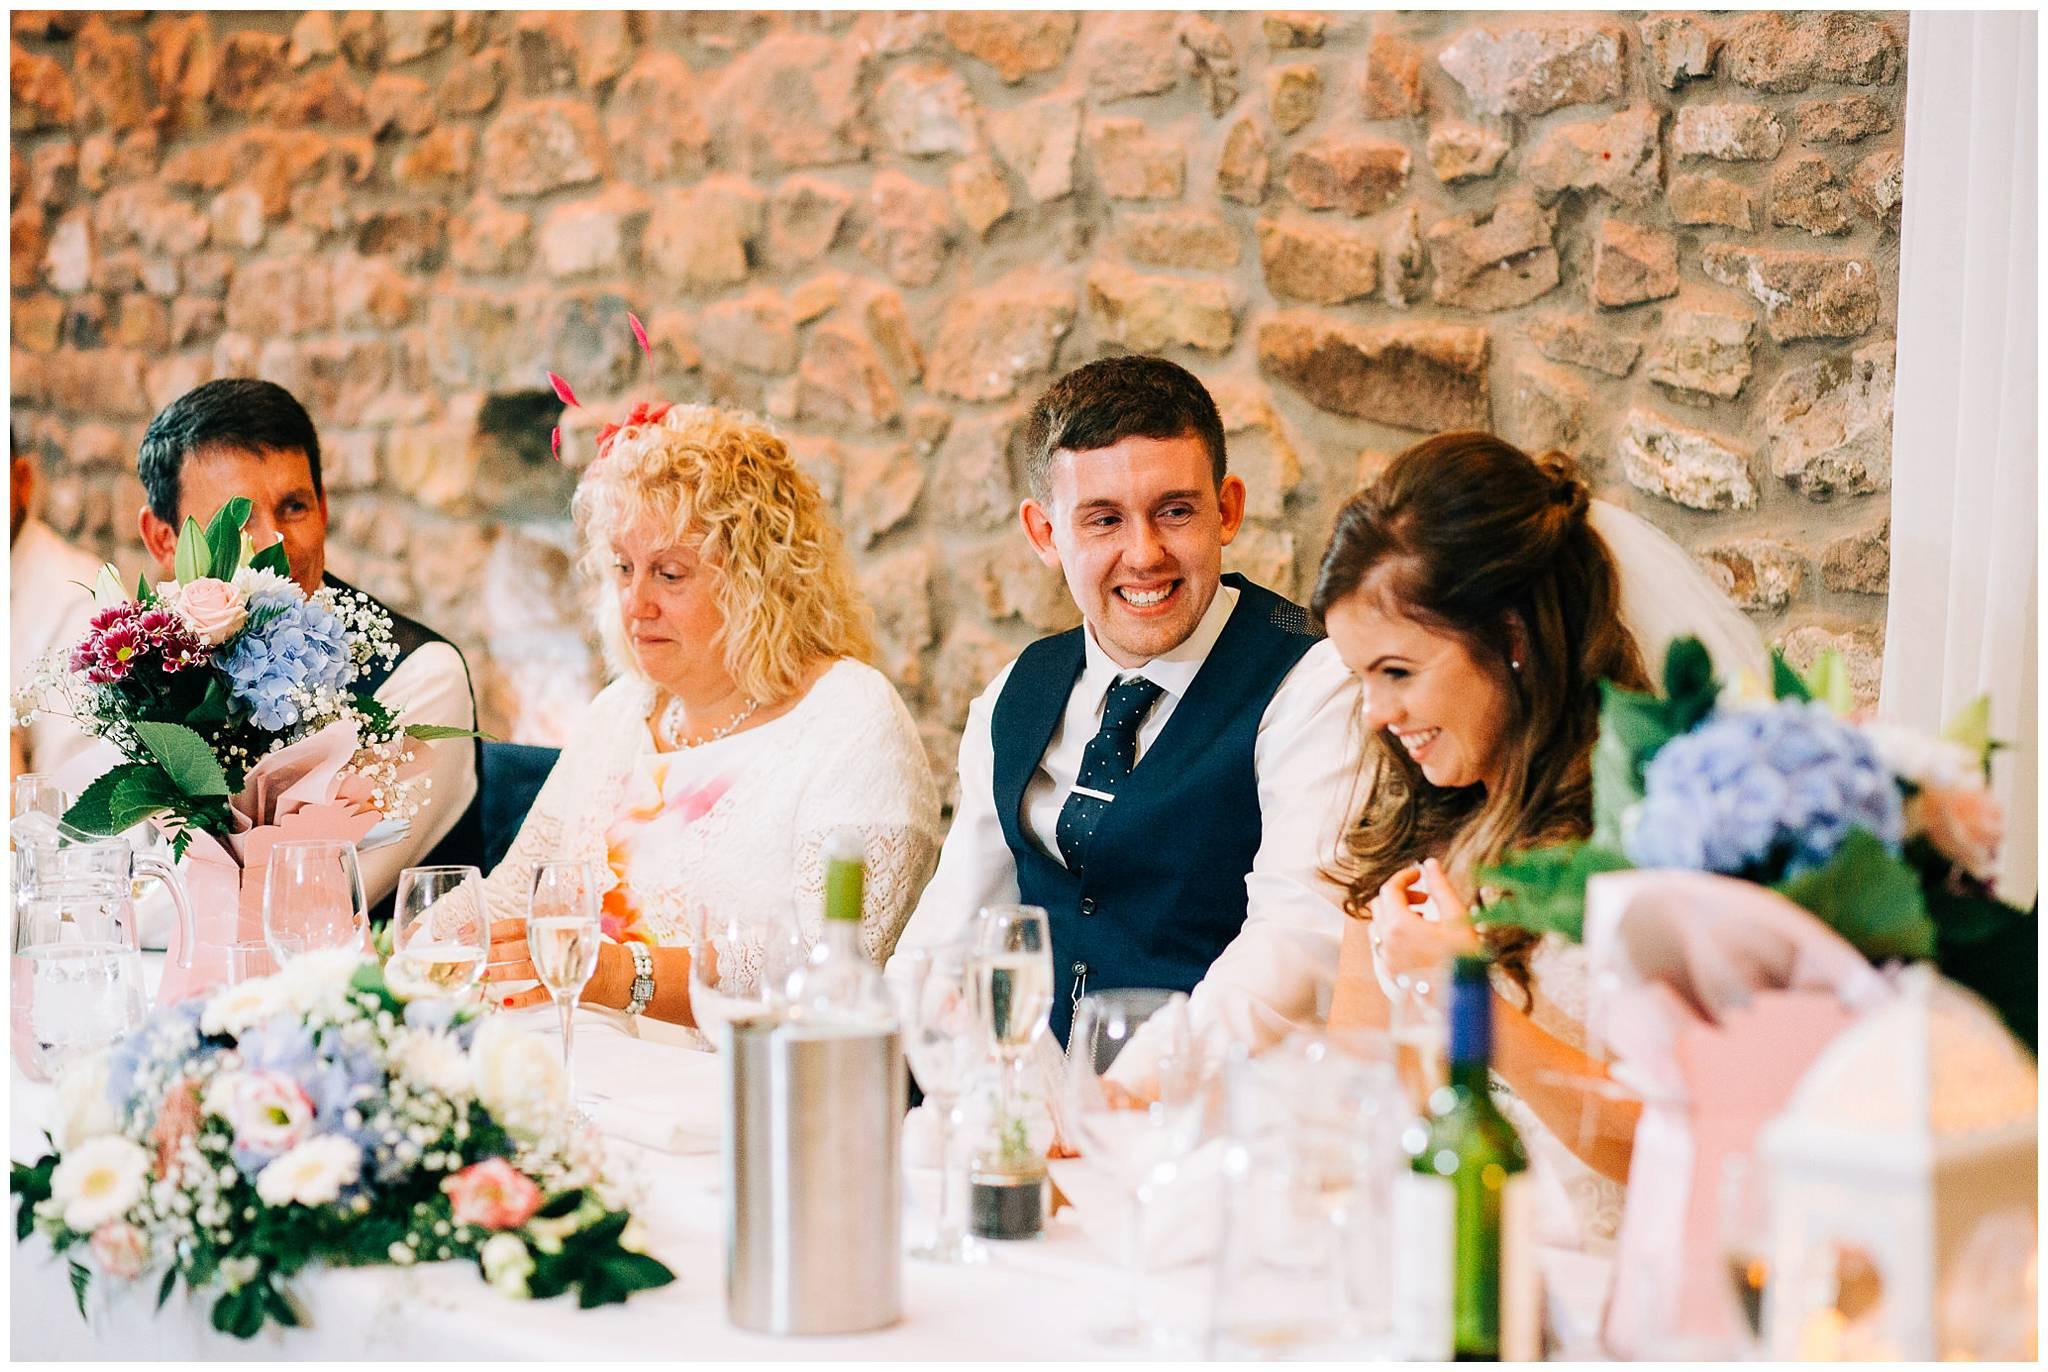 Fun Rustic wedding - browsholme hall and tithe barn Photographer-103.jpg